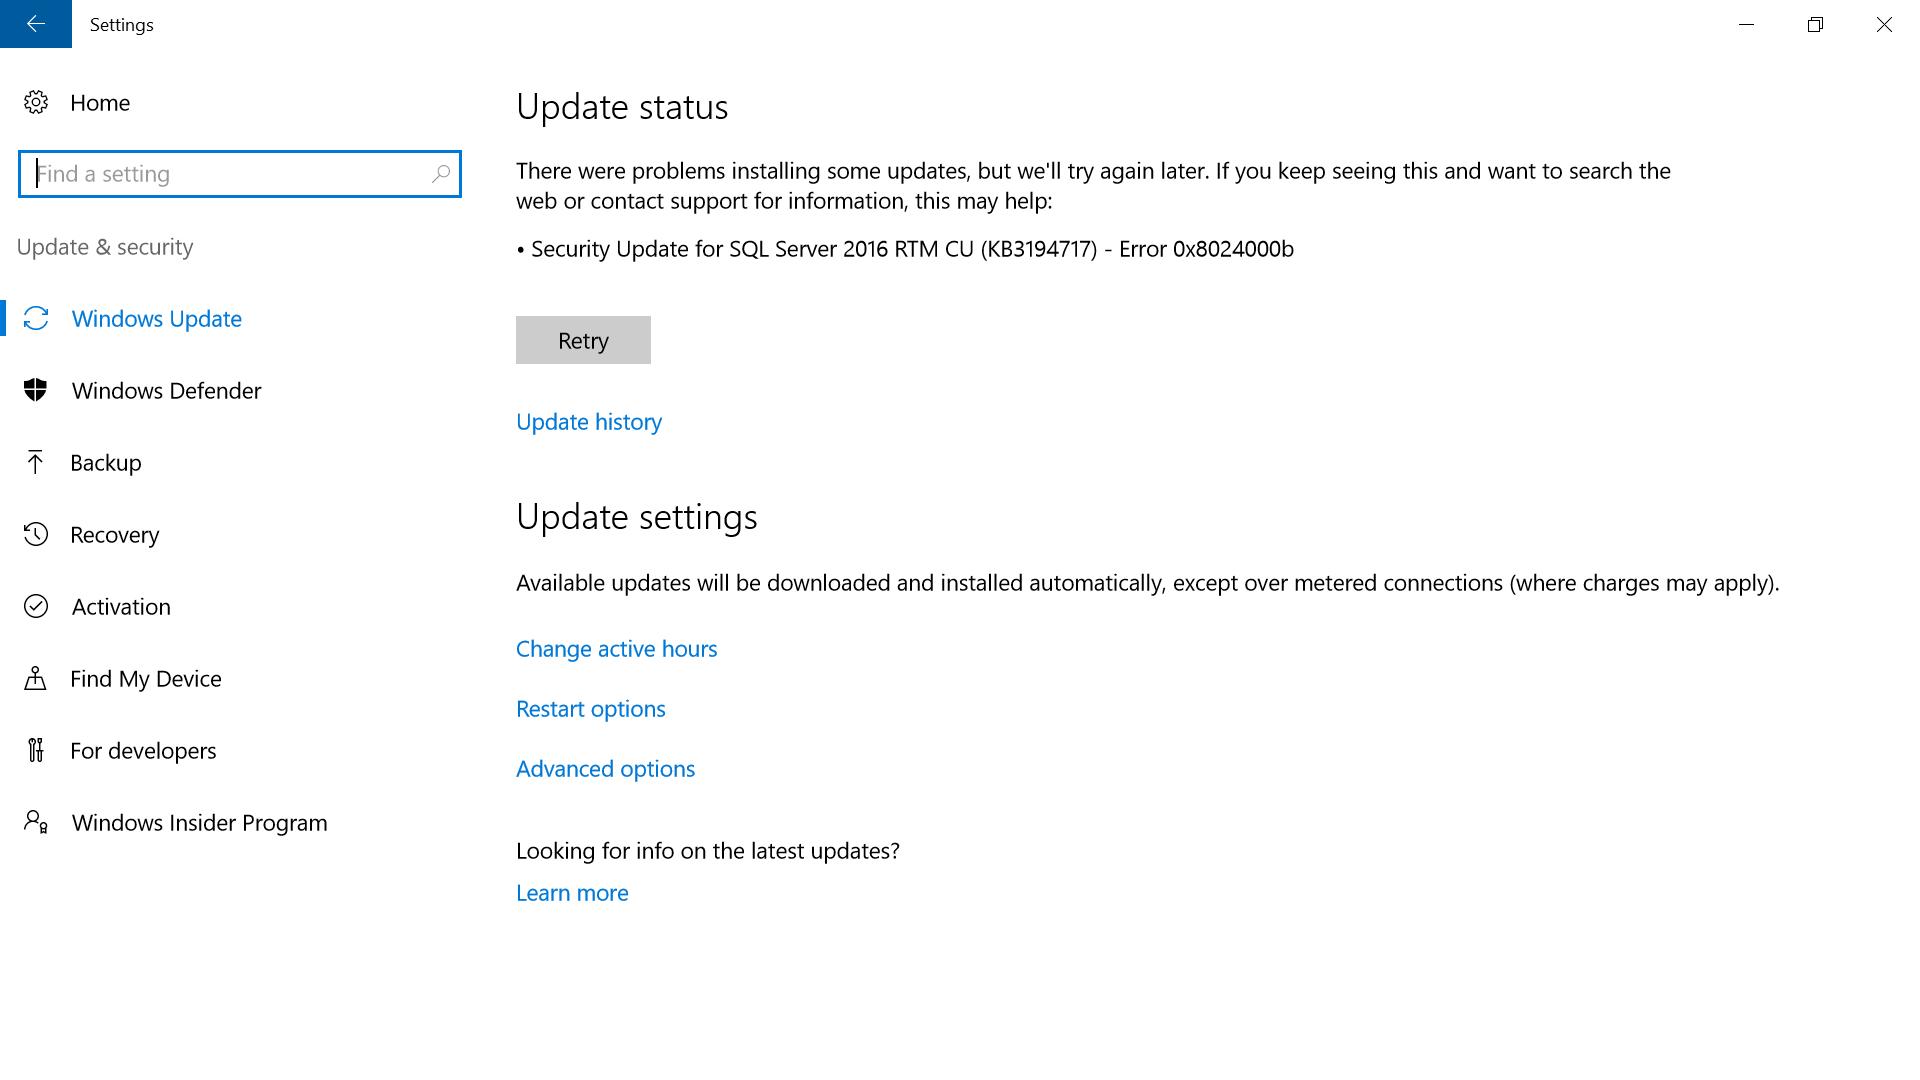 November Cumulative Updates - KB3198585 for Windows 10 RTM